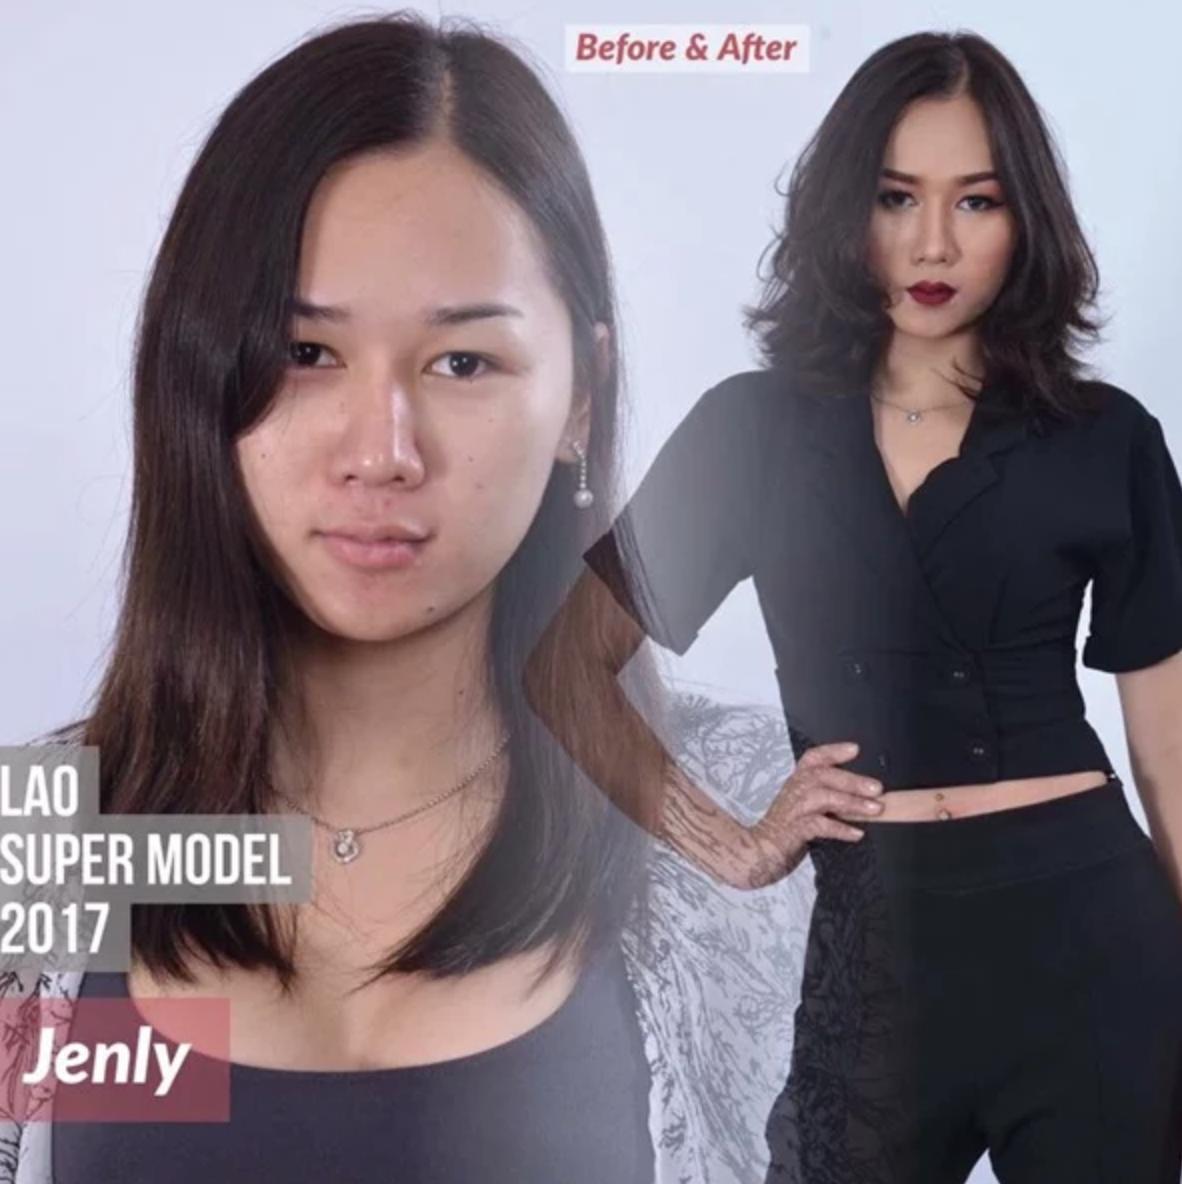 Chiêm ngưỡng nhan sắc không phấn son của dàn thí sinh Hoa hậu chuyển giới Quốc tế - Ảnh 11.